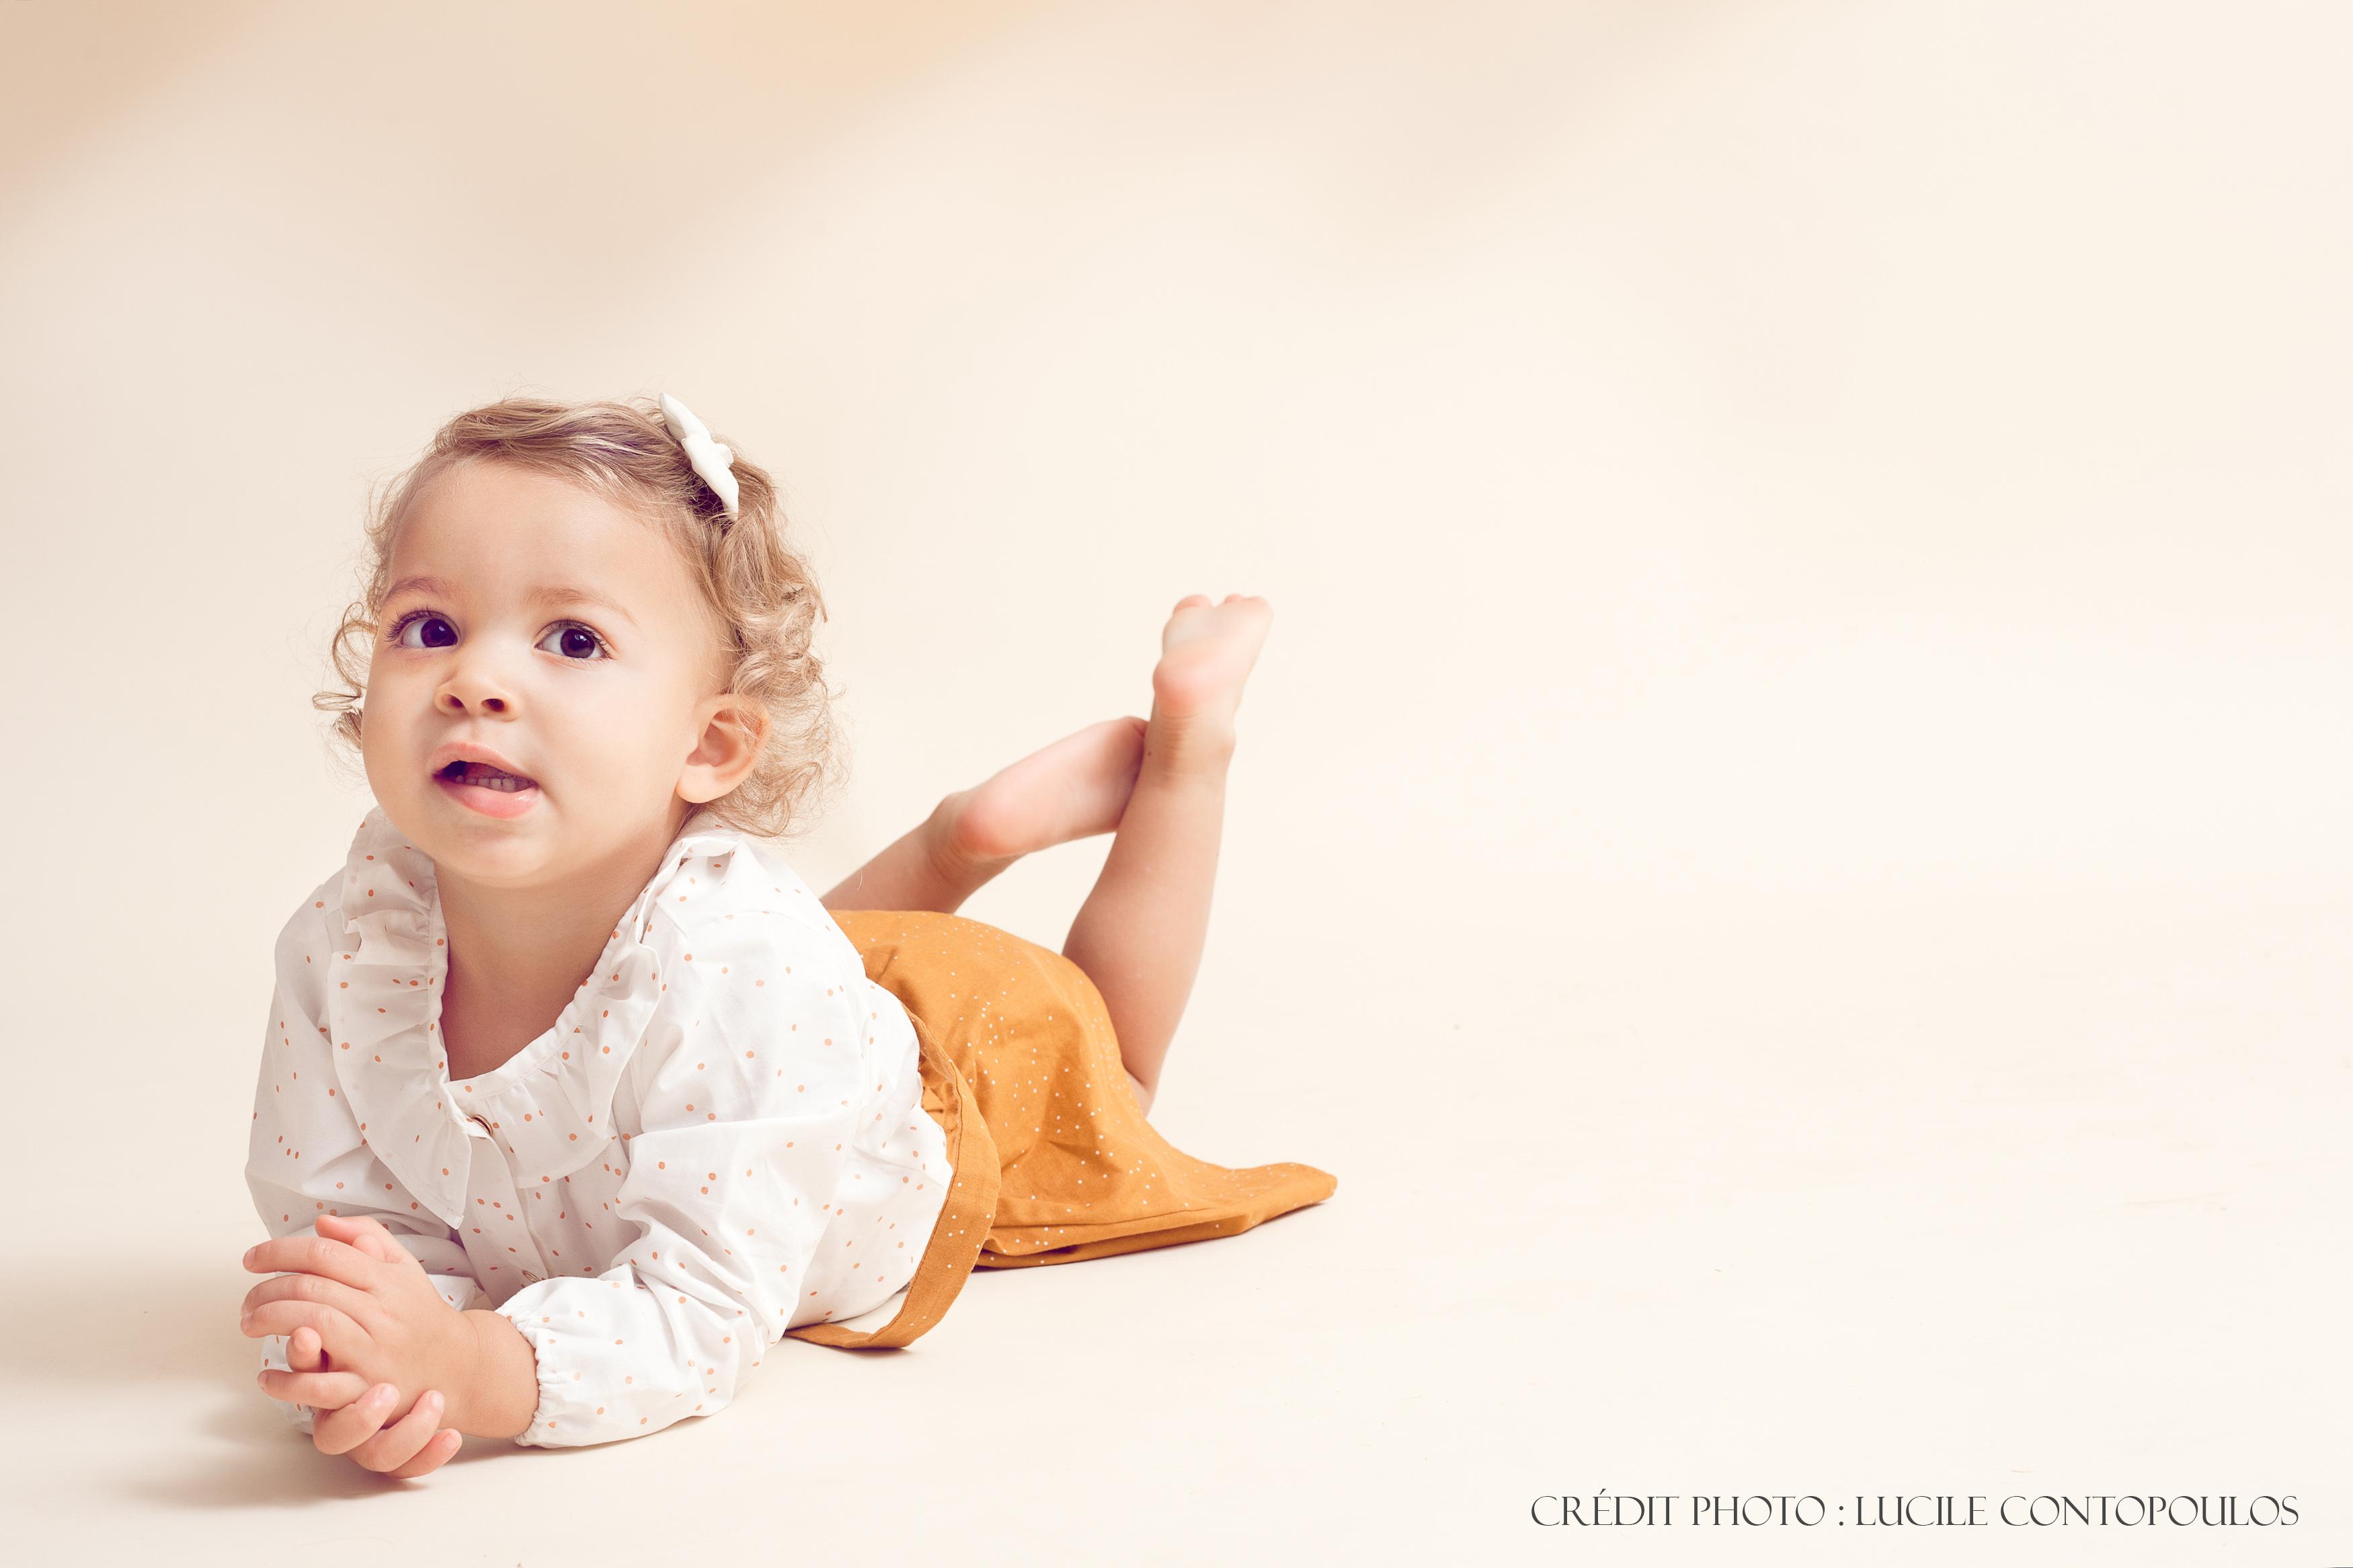 cadeau-naissance-bebe-enfant-mode-trousse-toilette-coton-lavable-lyon-bilboquet-lingette-tapis-langer-fille-oiseaux